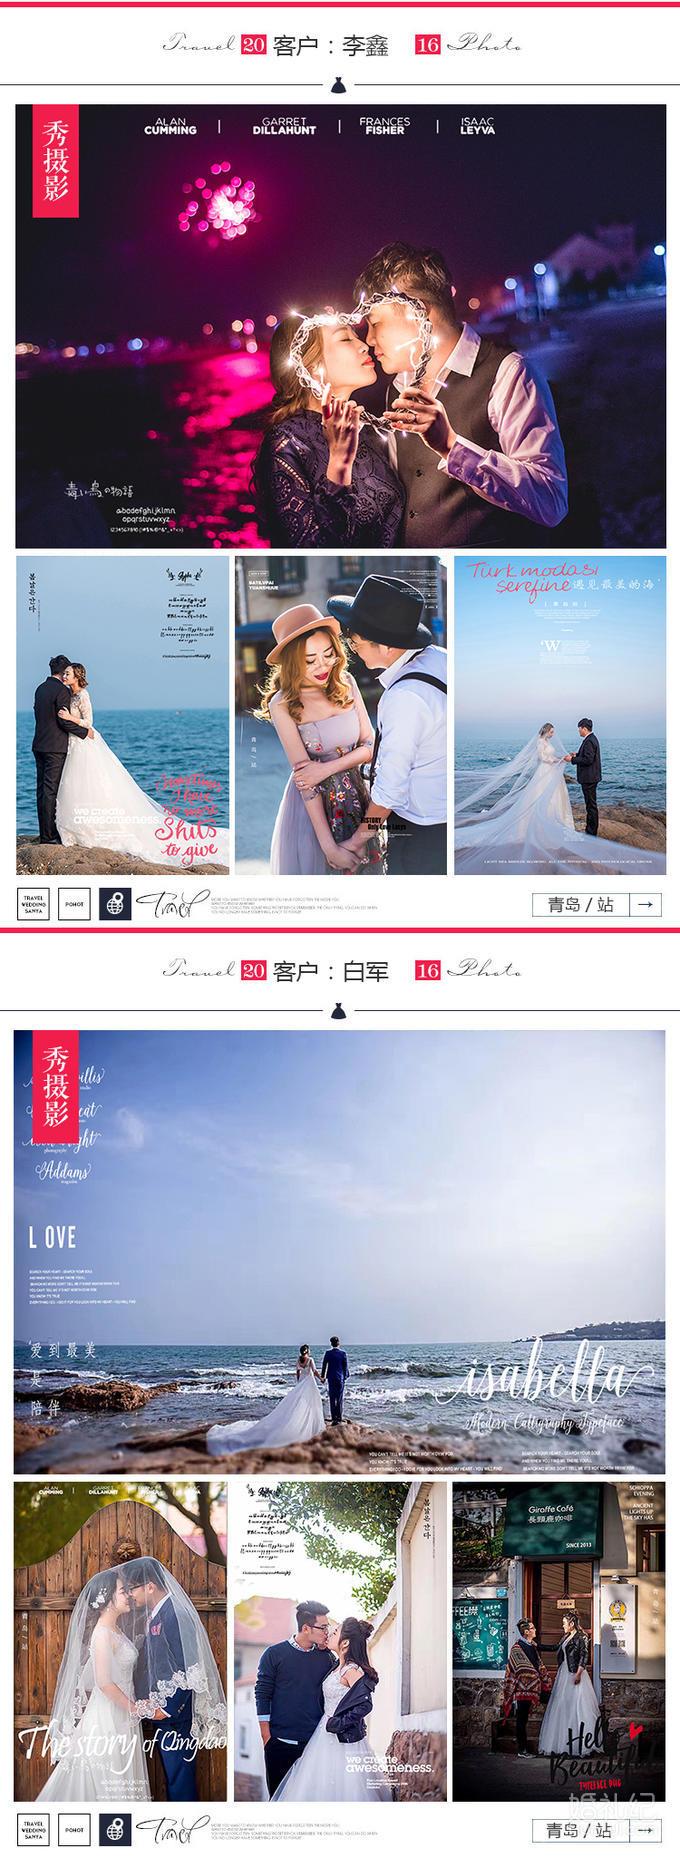 青岛旅拍3天2晚/海景游艇/实景基地+产品包邮